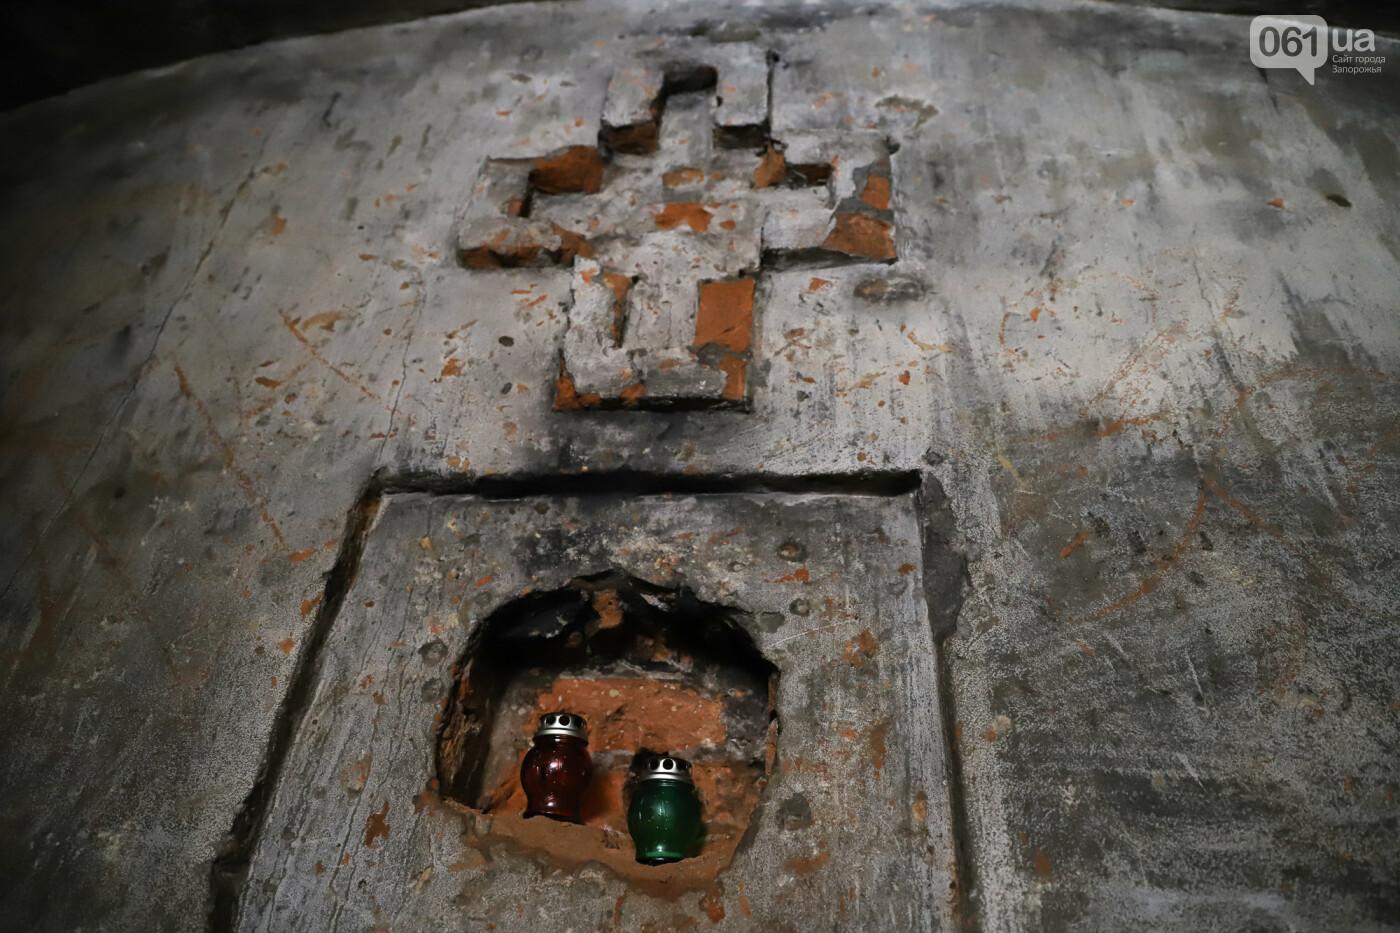 Семейный склеп графа Канкрина и фундамент церкви XIX столетия - под Запорожьем готовят новый туристический объект, - ФОТОРЕПОРТАЖ , фото-20